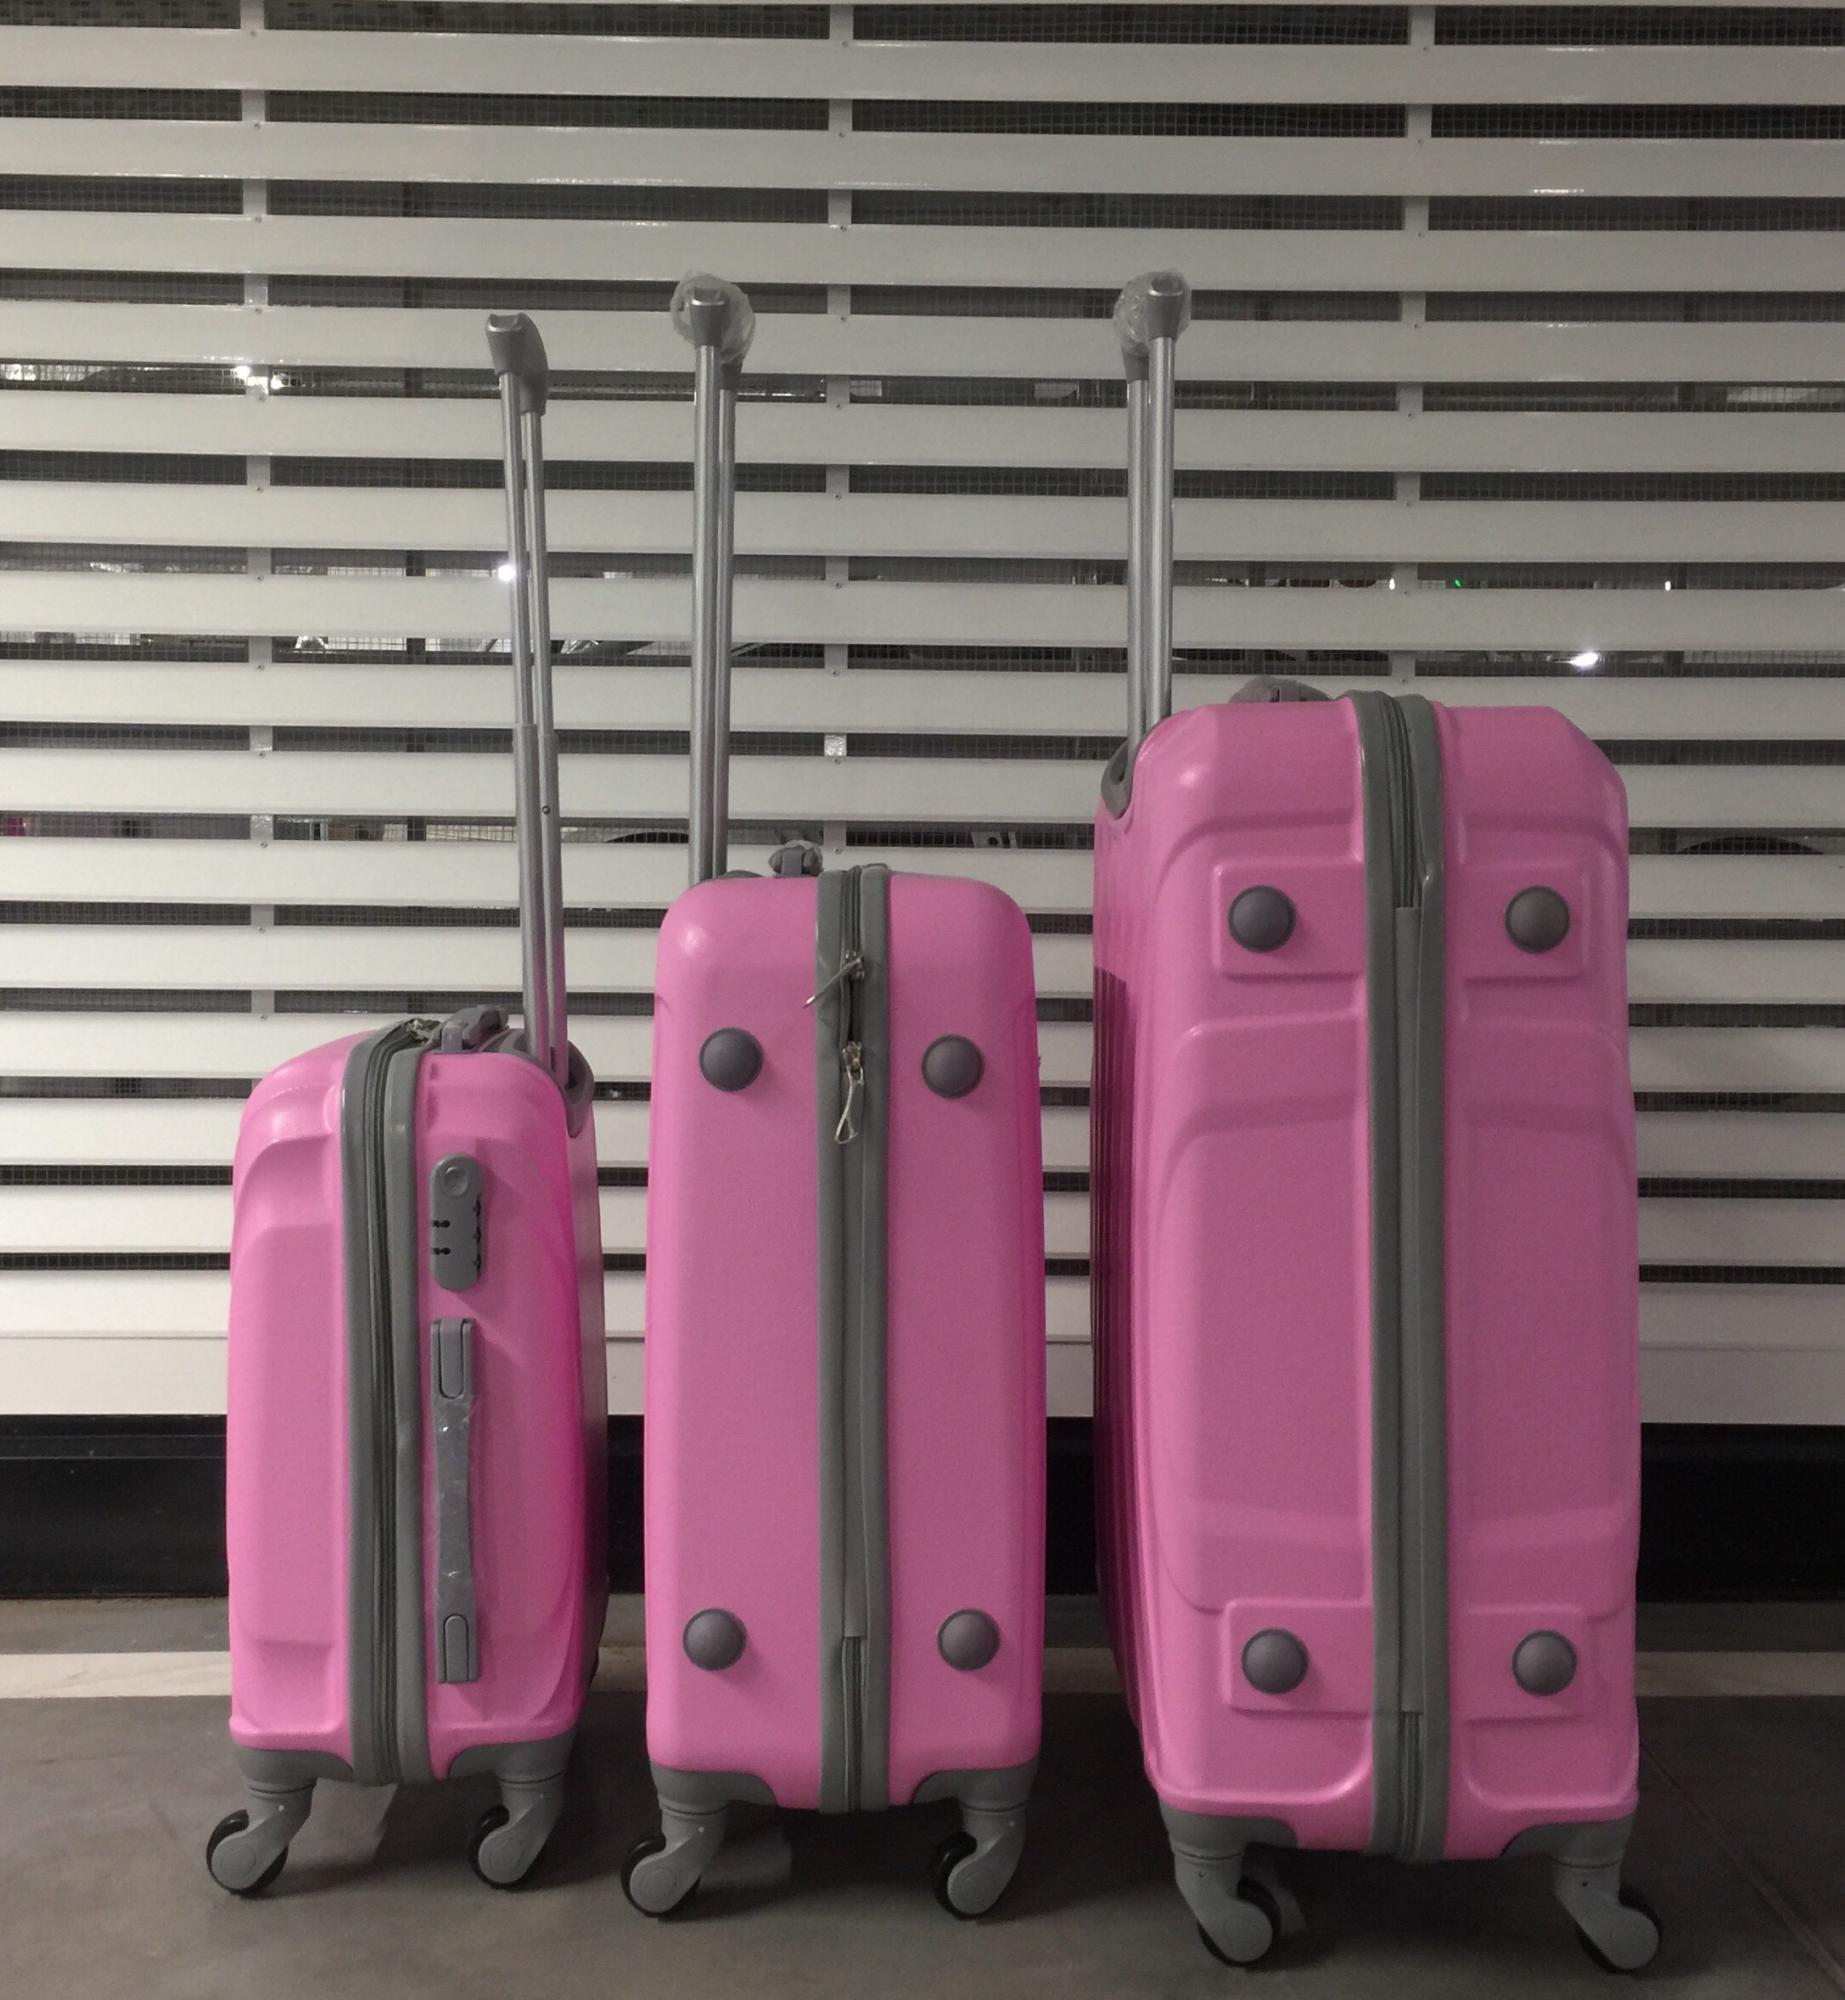 Dildo in suitcase — pic 9